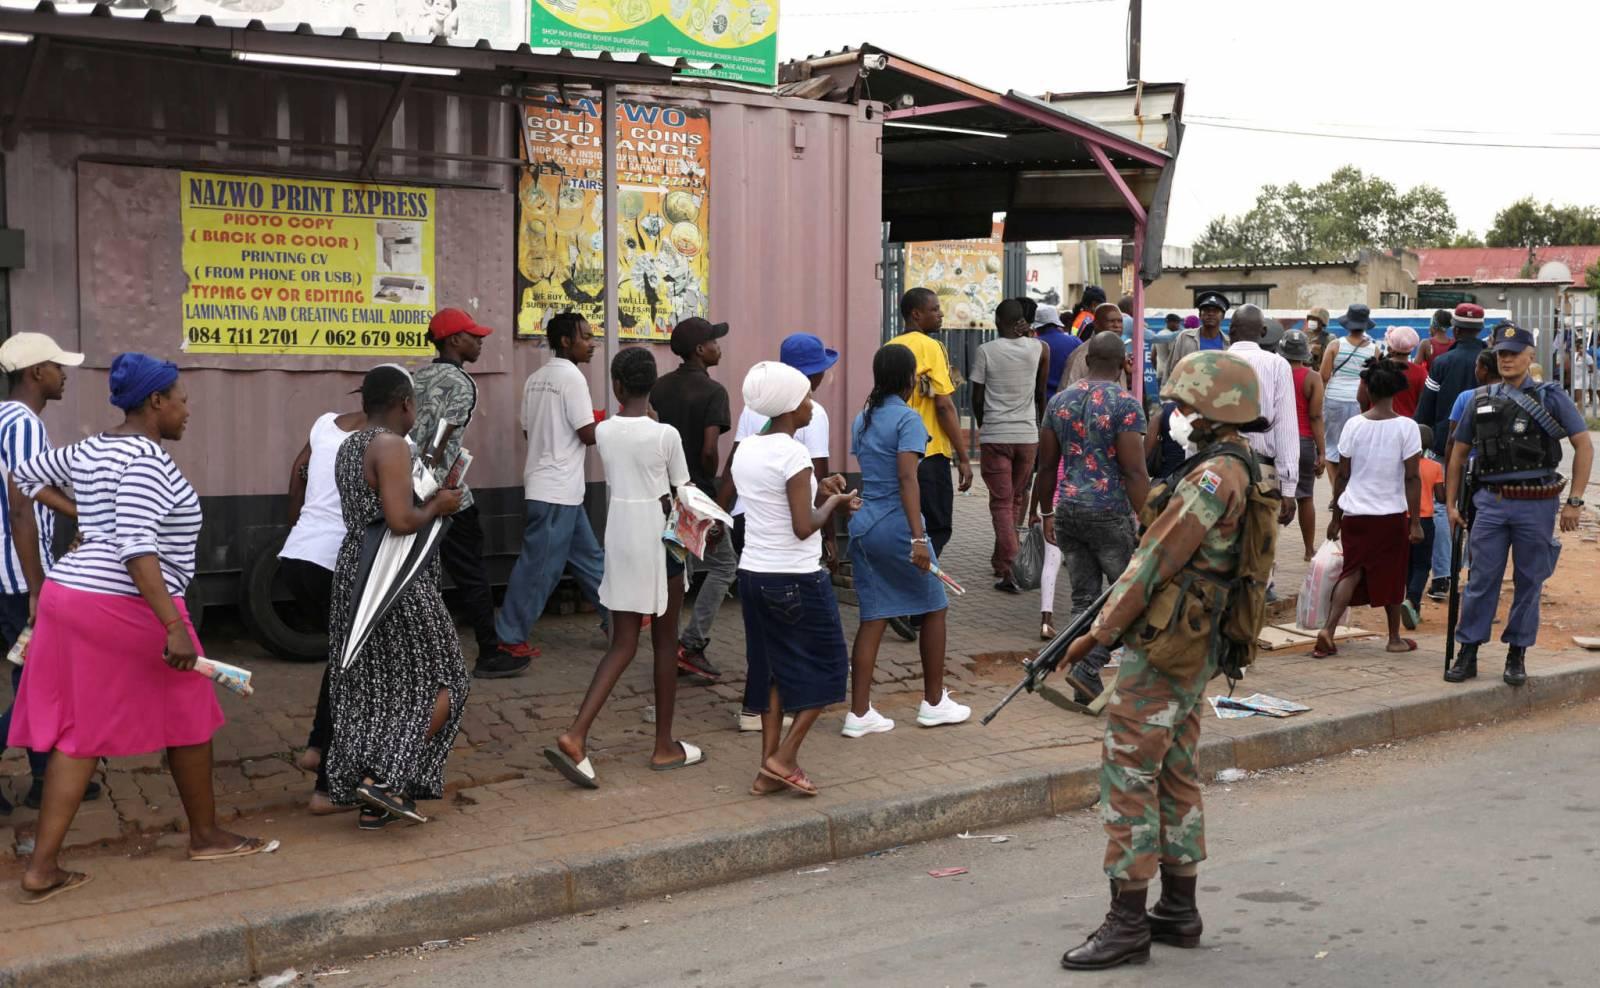 Νότια Αφρική: Πάνω από 13.000 κρούσματα σε μια μέρα